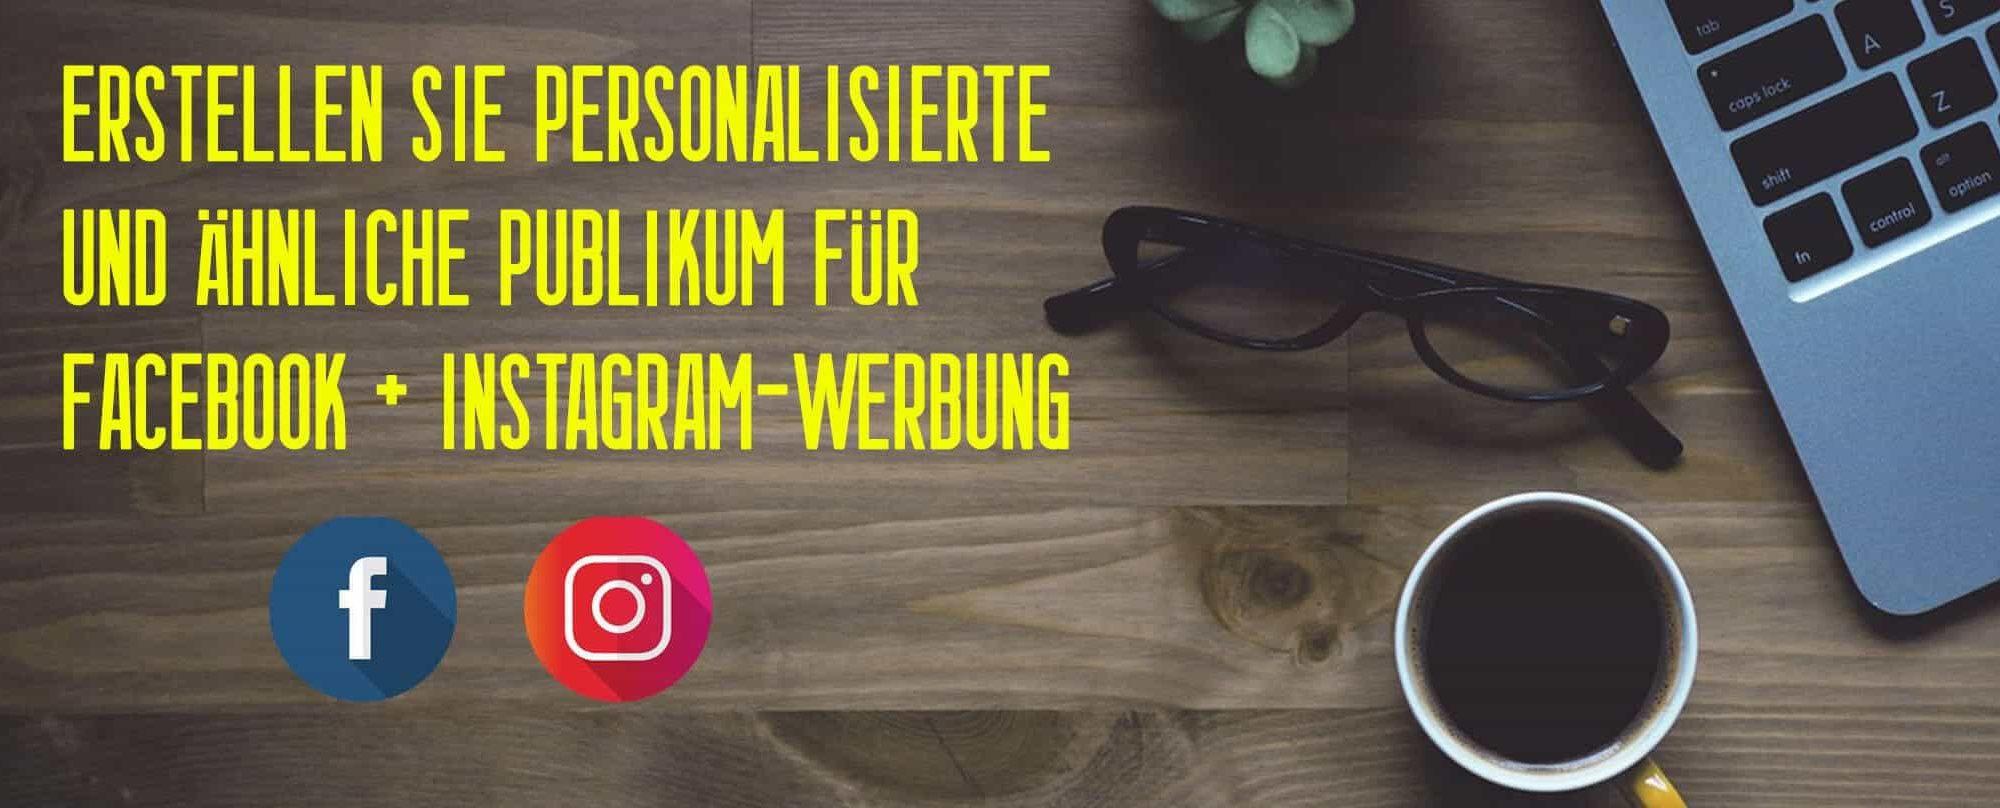 erstellen-sie-personalisierte-und-ahnliche-publikum-fur-facebook-instagram-werbung